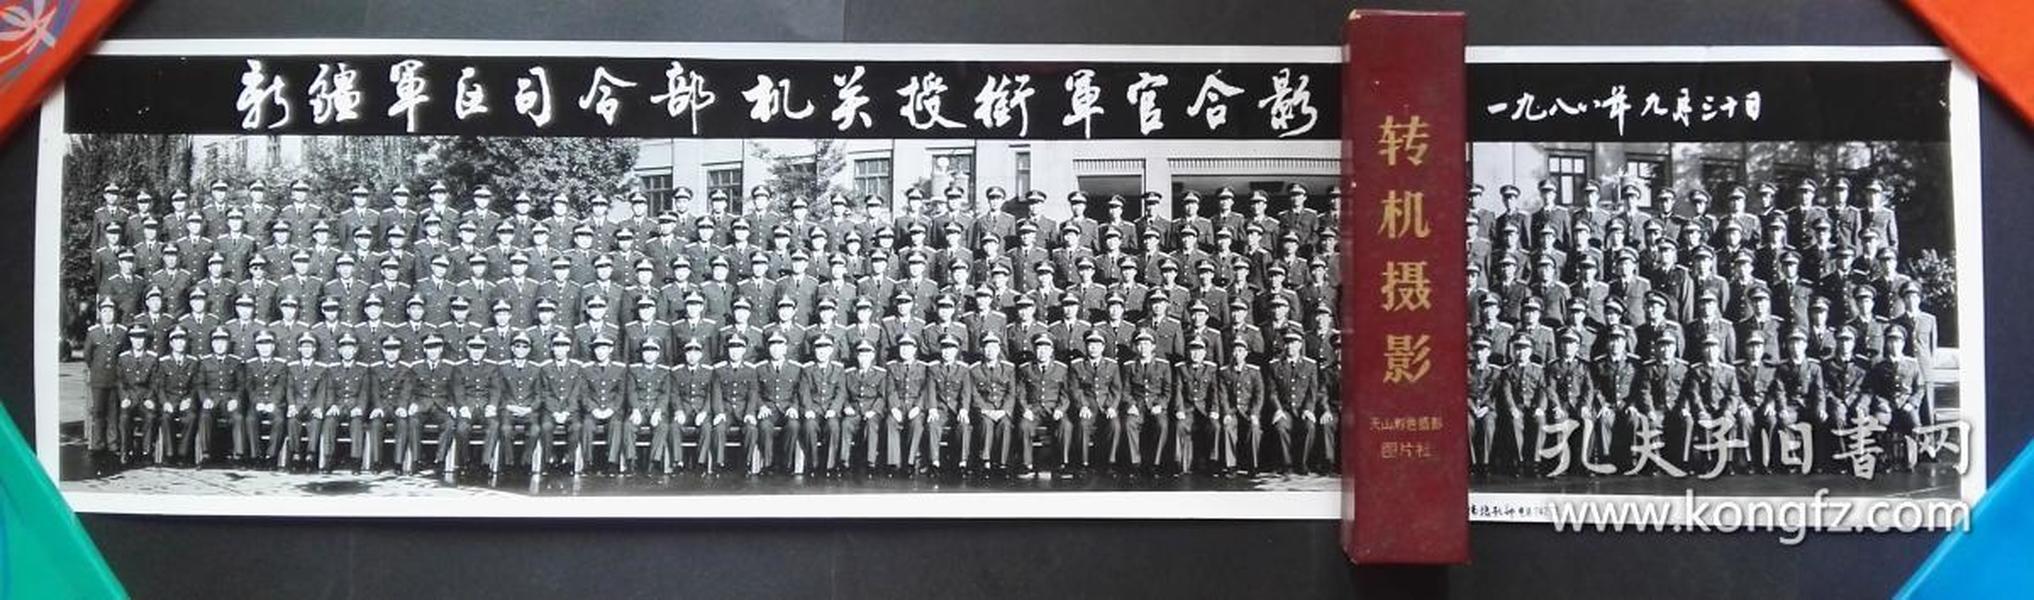 1988年,新疆授衔军官合影转机大照片,乌鲁木齐天山百货大楼摄影部,带原盒子